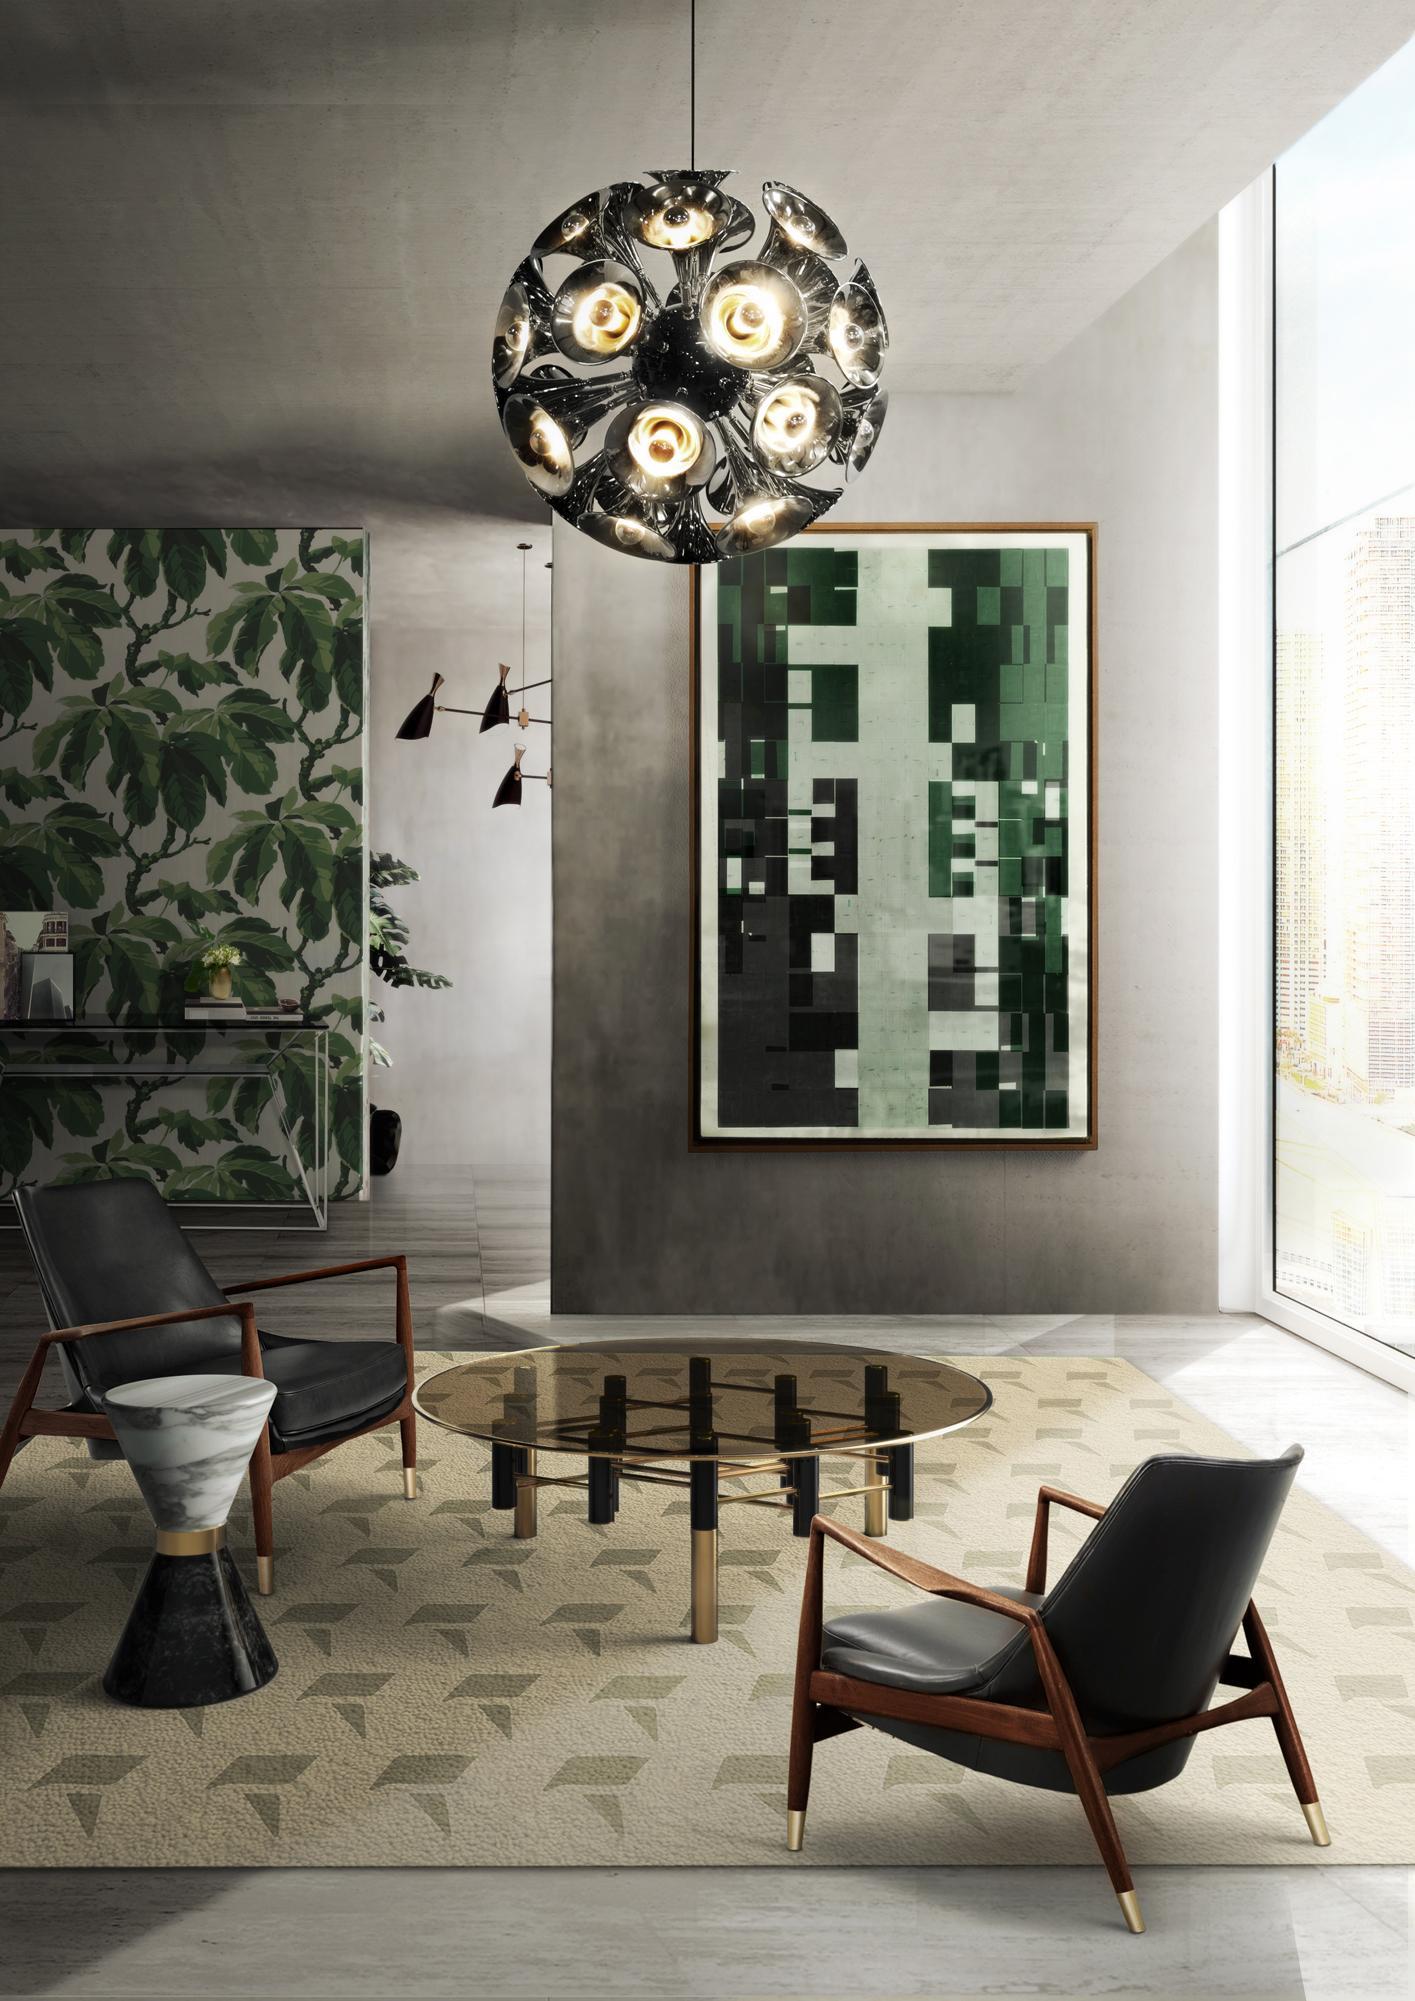 pendelleuchte • bilder & ideen • couchstyle, Wohnzimmer